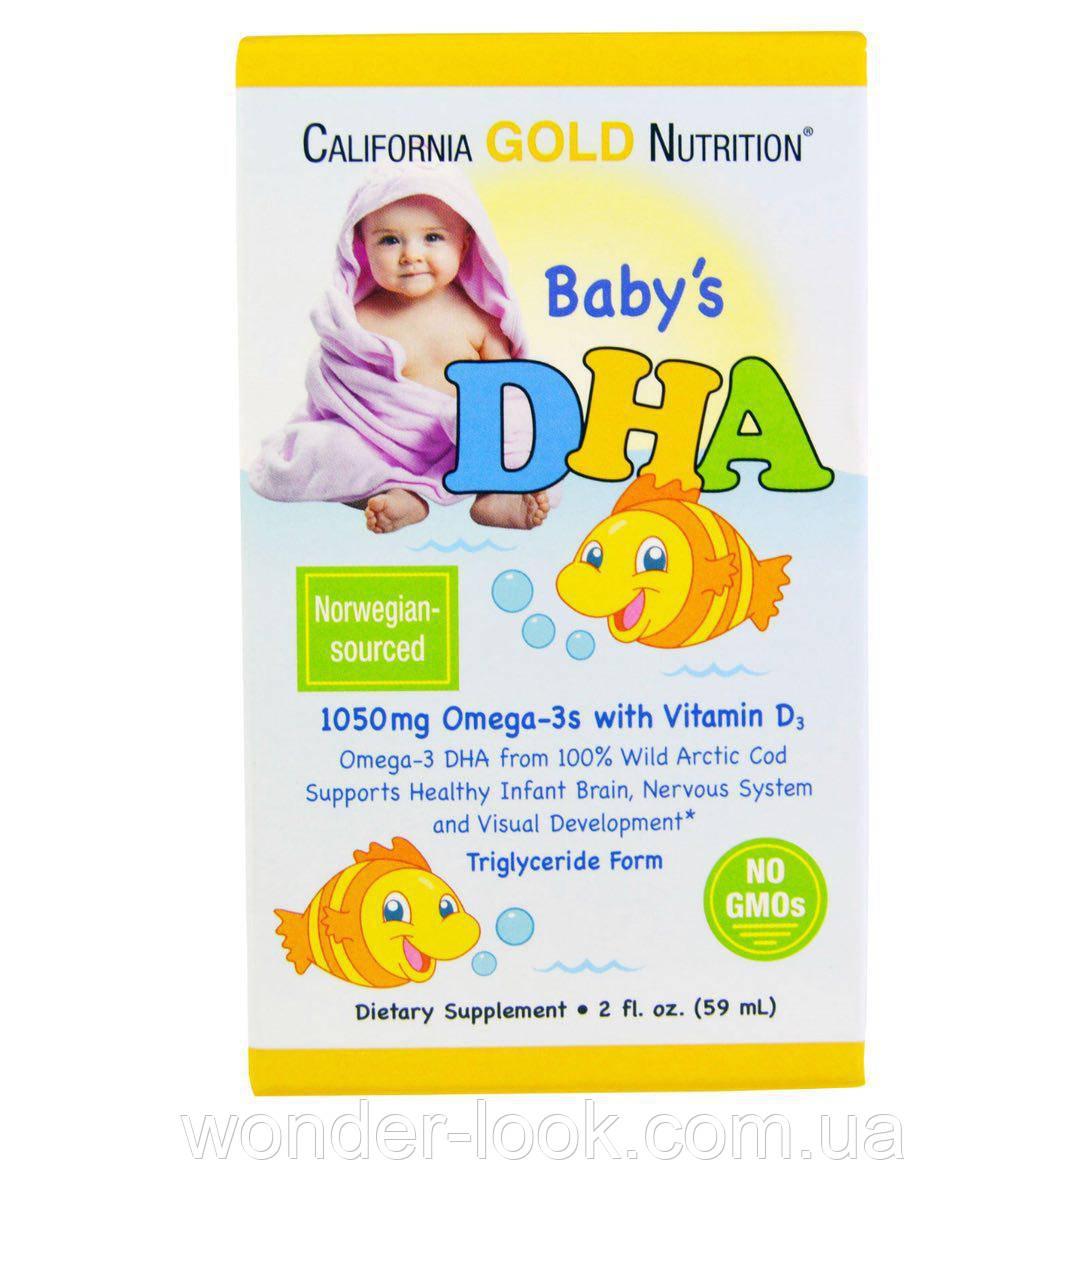 California Gold Nutrition, ДГА для детей, 1050 мг, Жирные кислоты Омега-3 с витамином D3, 2 ж. унц. (59 мл)